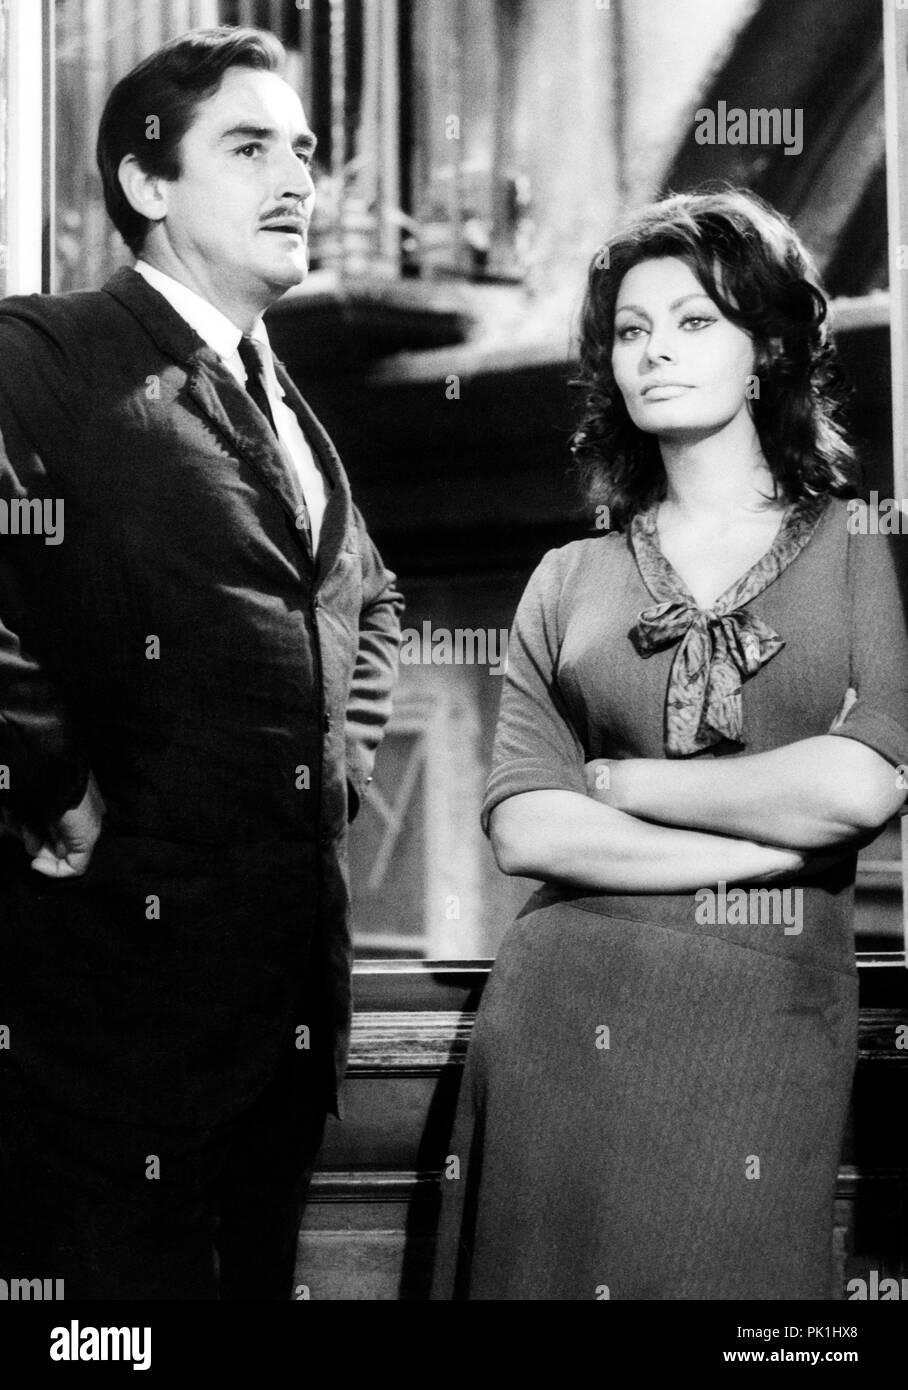 Fr Fantasmi 1967 Vittorio Gassman Sophia Loren Stockfotografie Alamy